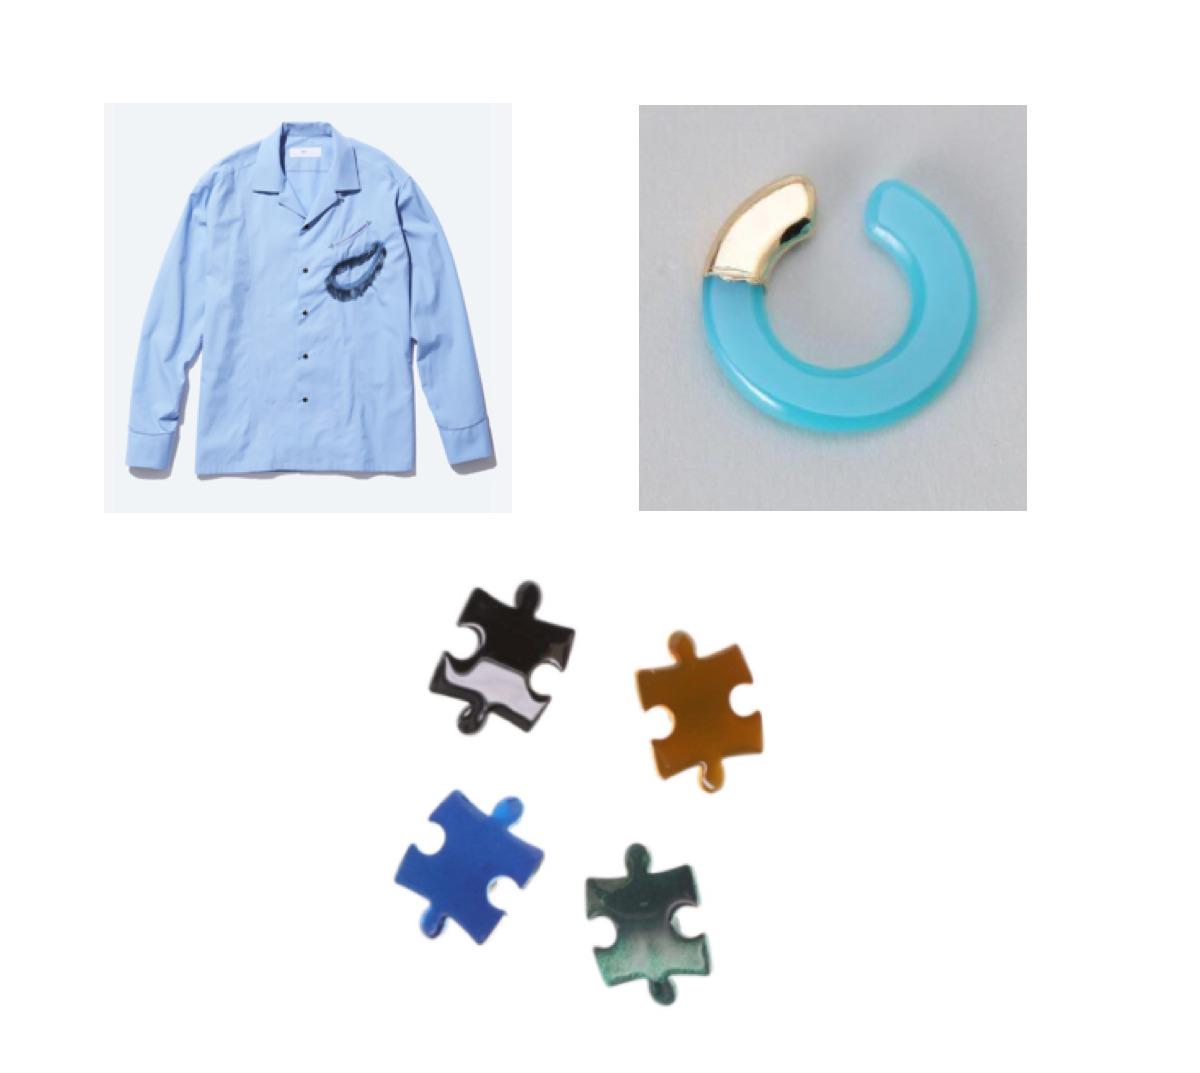 米津玄師【Pale Blue MV】着用ファッション・衣装(ジャケット・シャツ・アクセ)のブランドはこちら♪